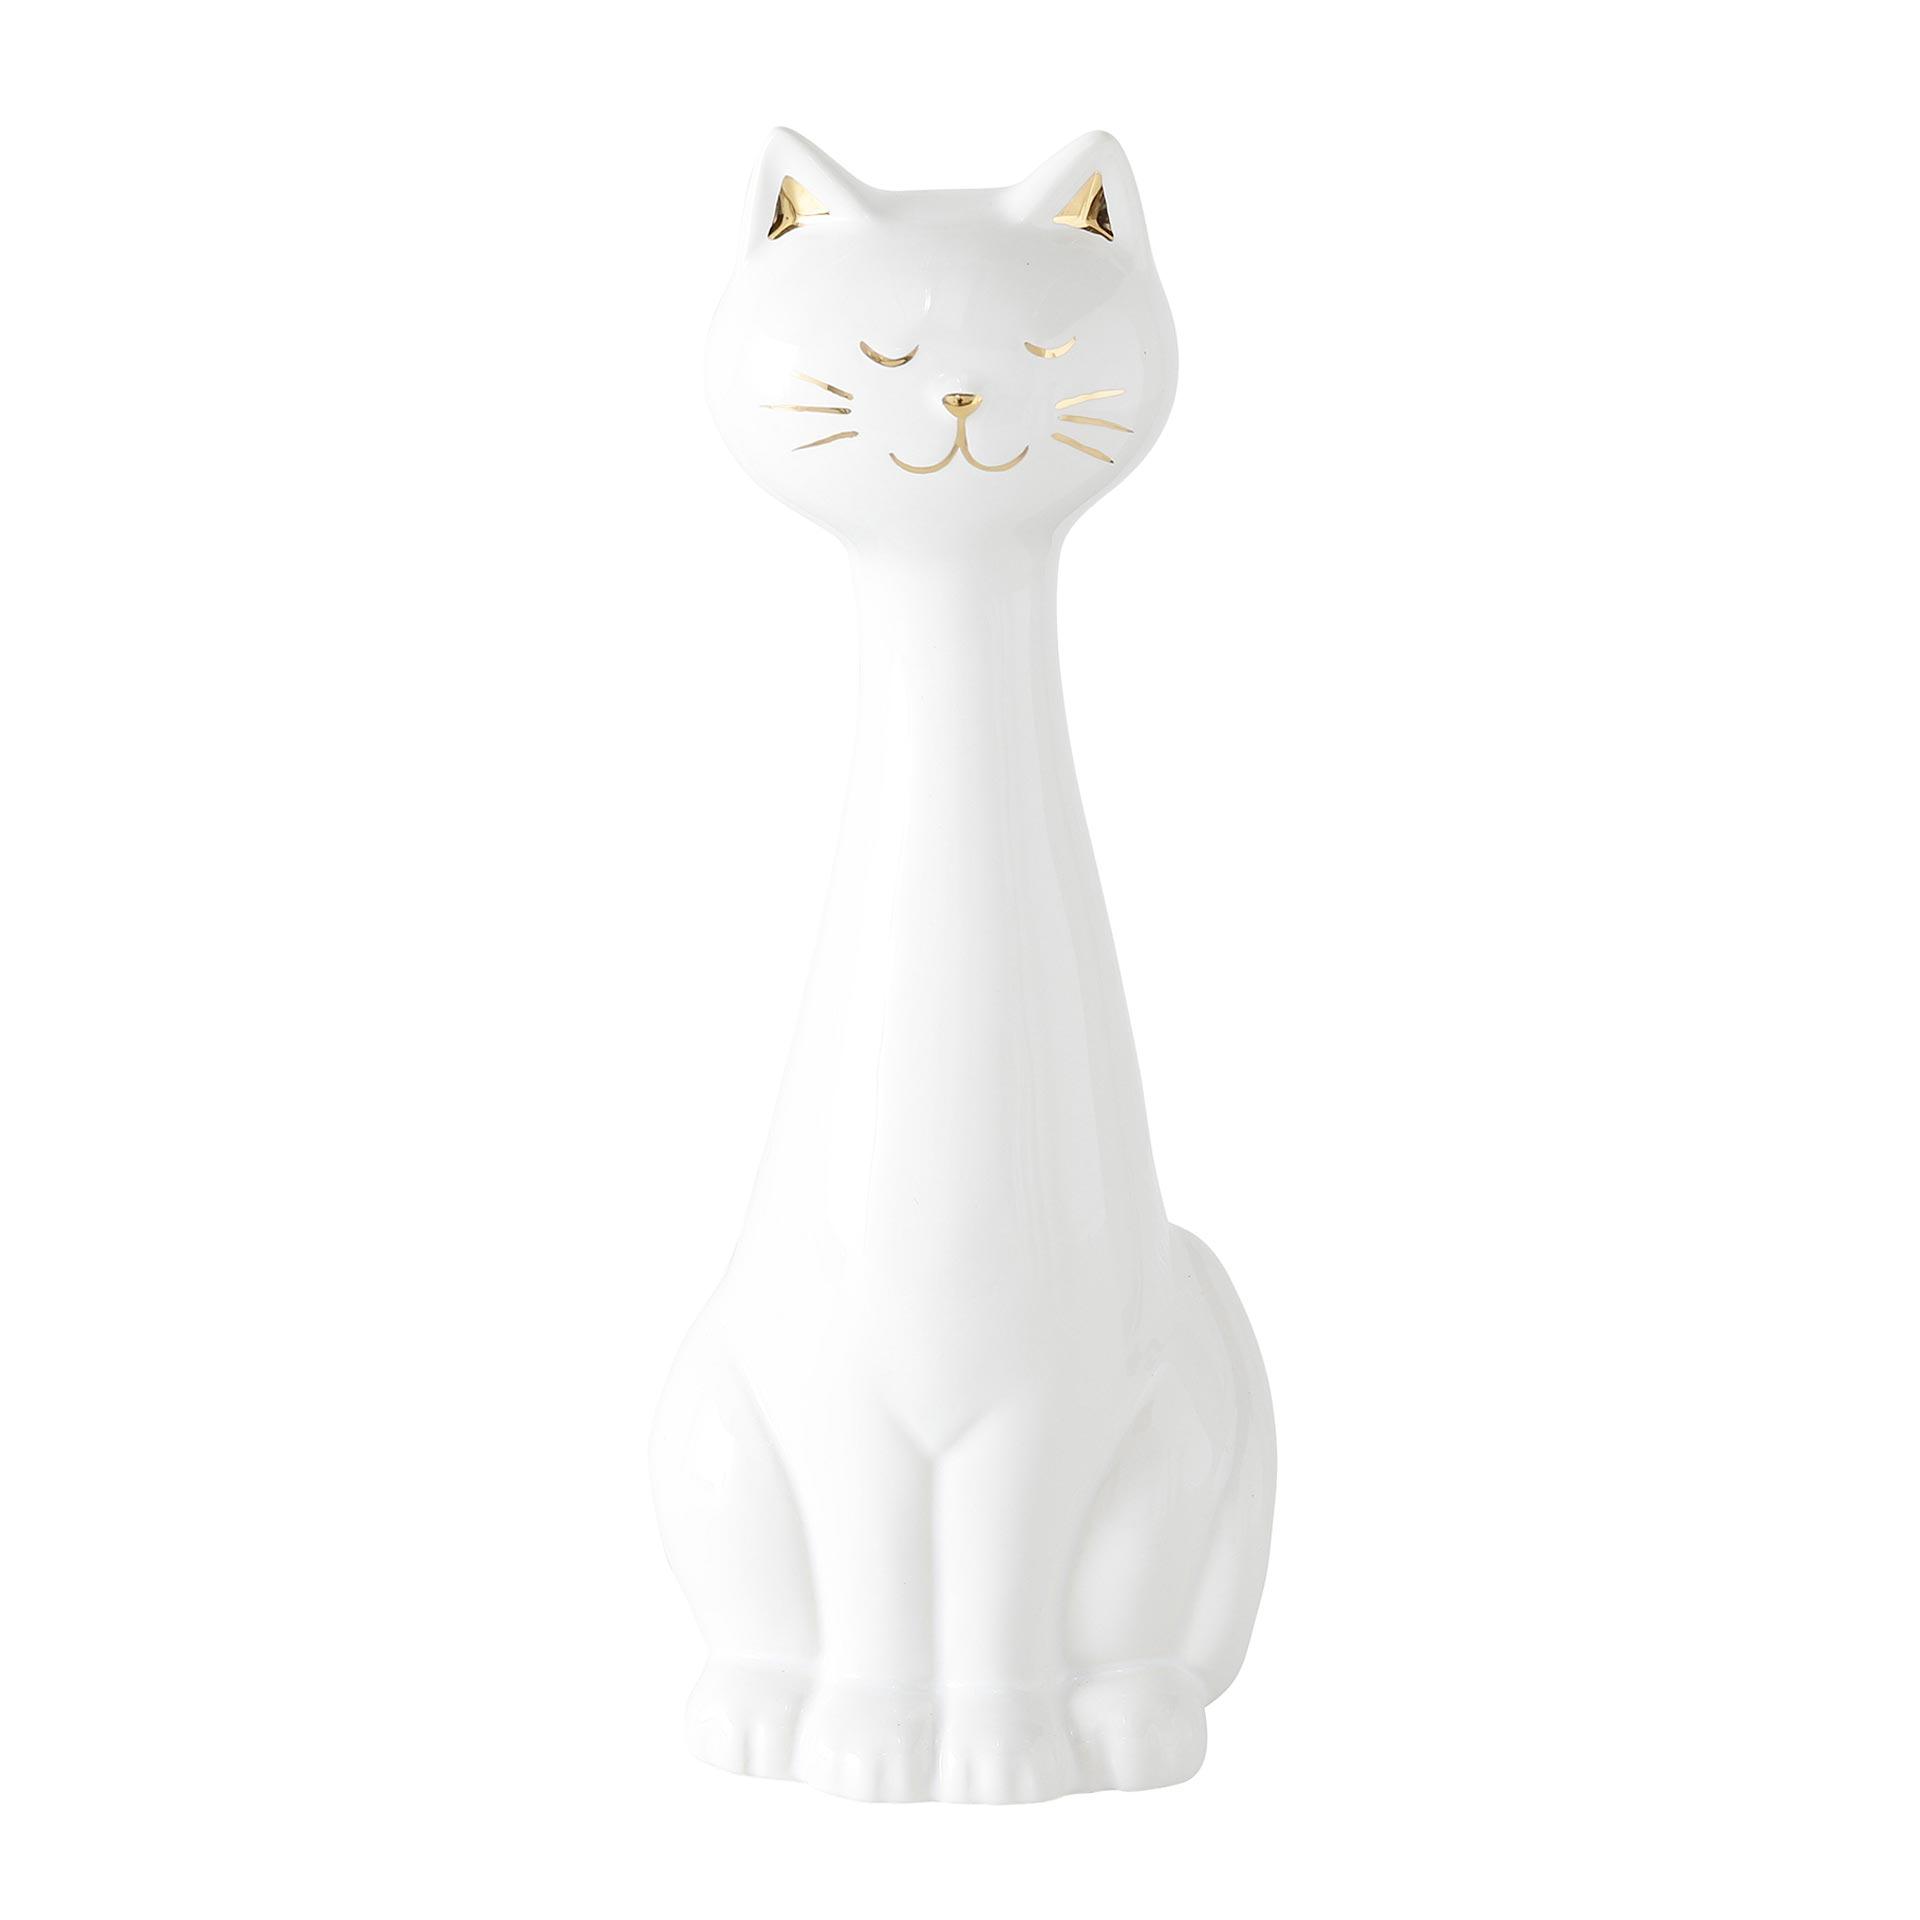 Boltze Smokey Figur Katze 27 cm; 1-teilig, farblich sortiert, steingut weiß